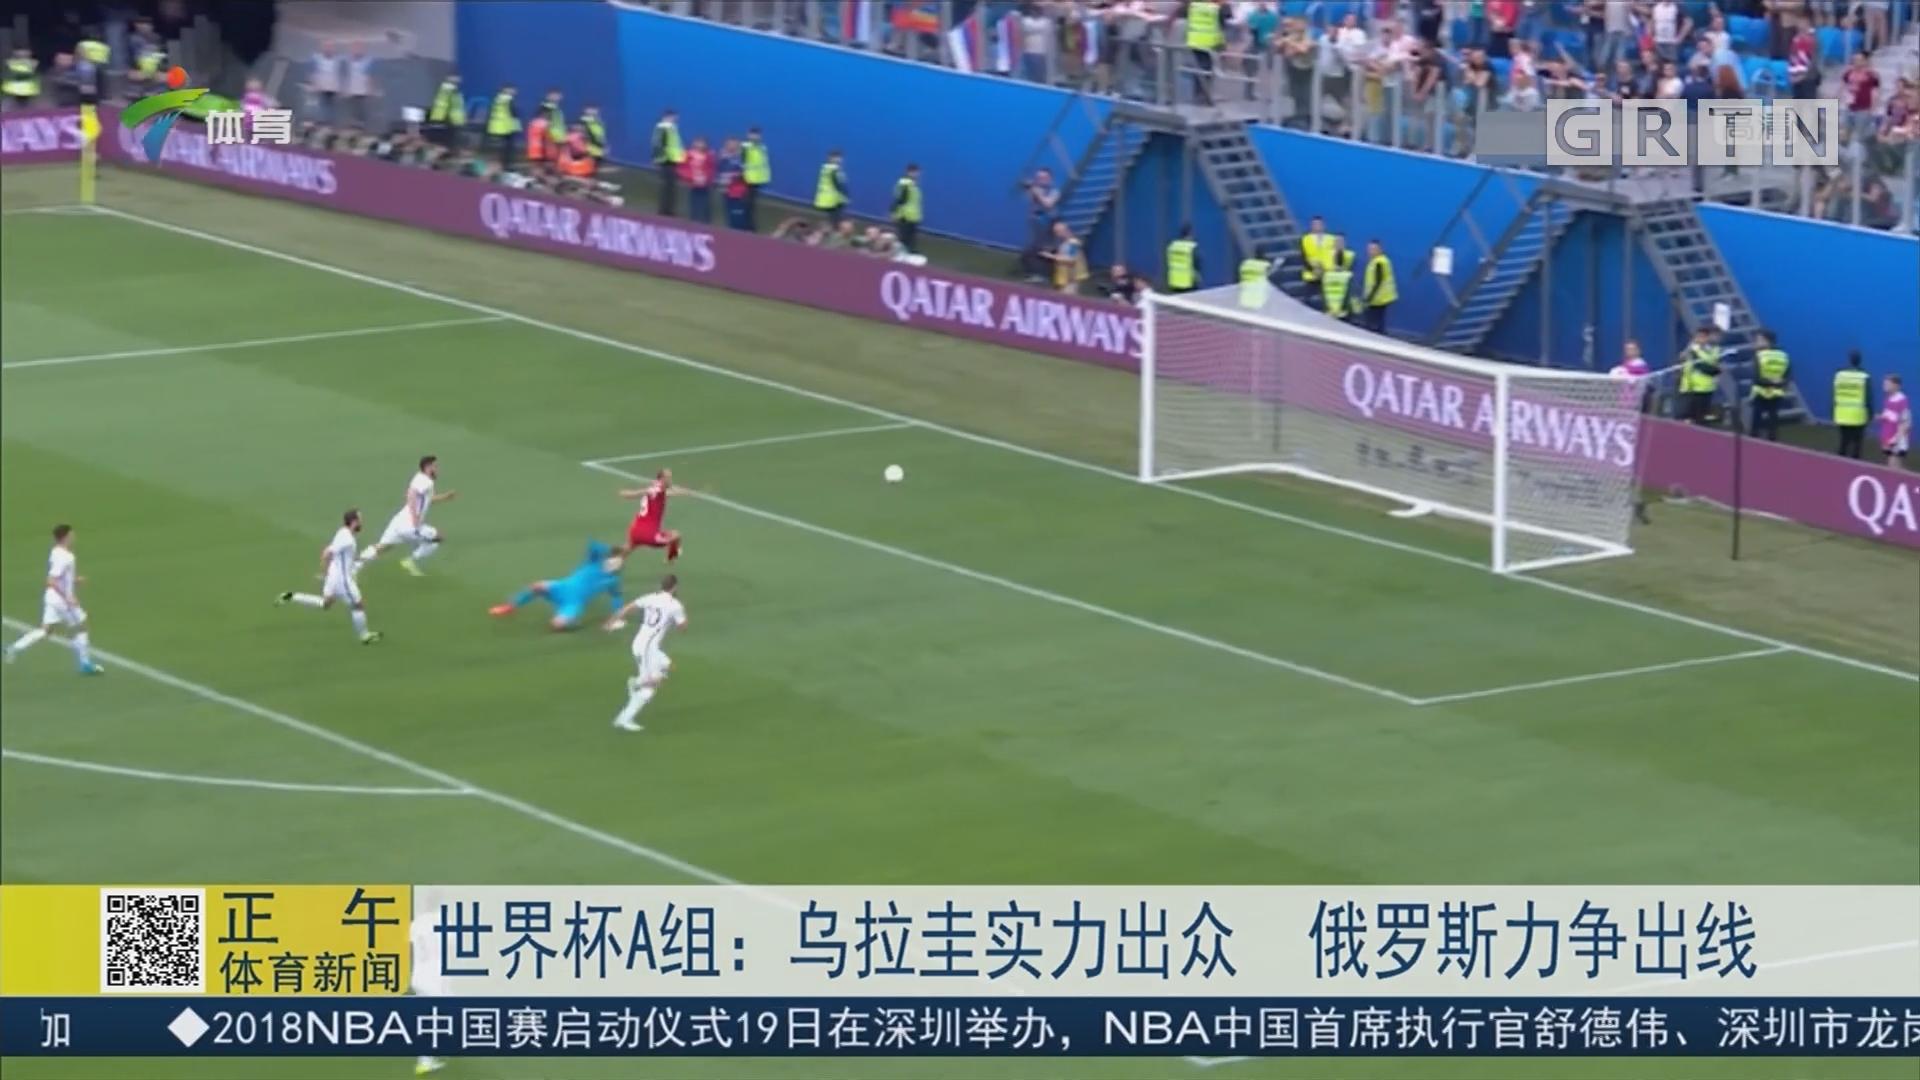 世界杯A组 乌拉圭实力出众 俄罗斯力争出线